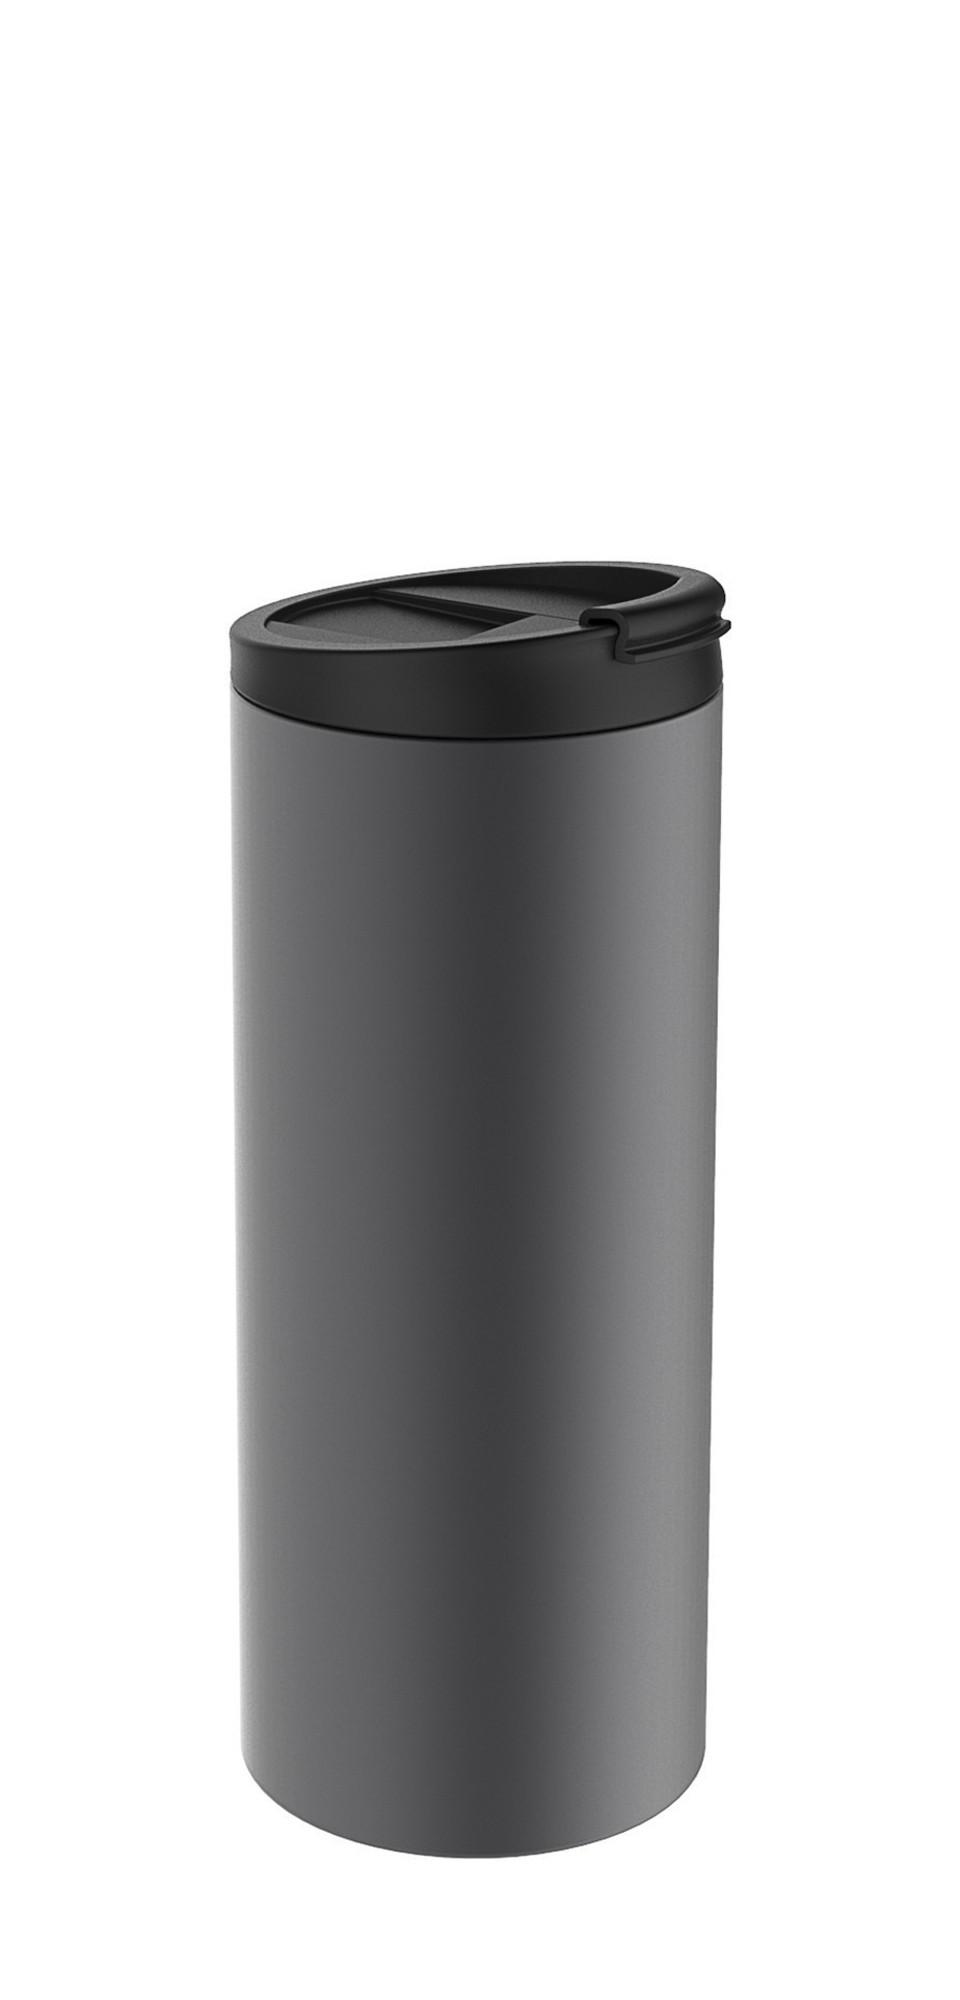 Θερμός Ποτήρι Zak Designs Inox Ανθρακί 350ml home   αξεσουαρ κουζινας   παγούρια   θερμός